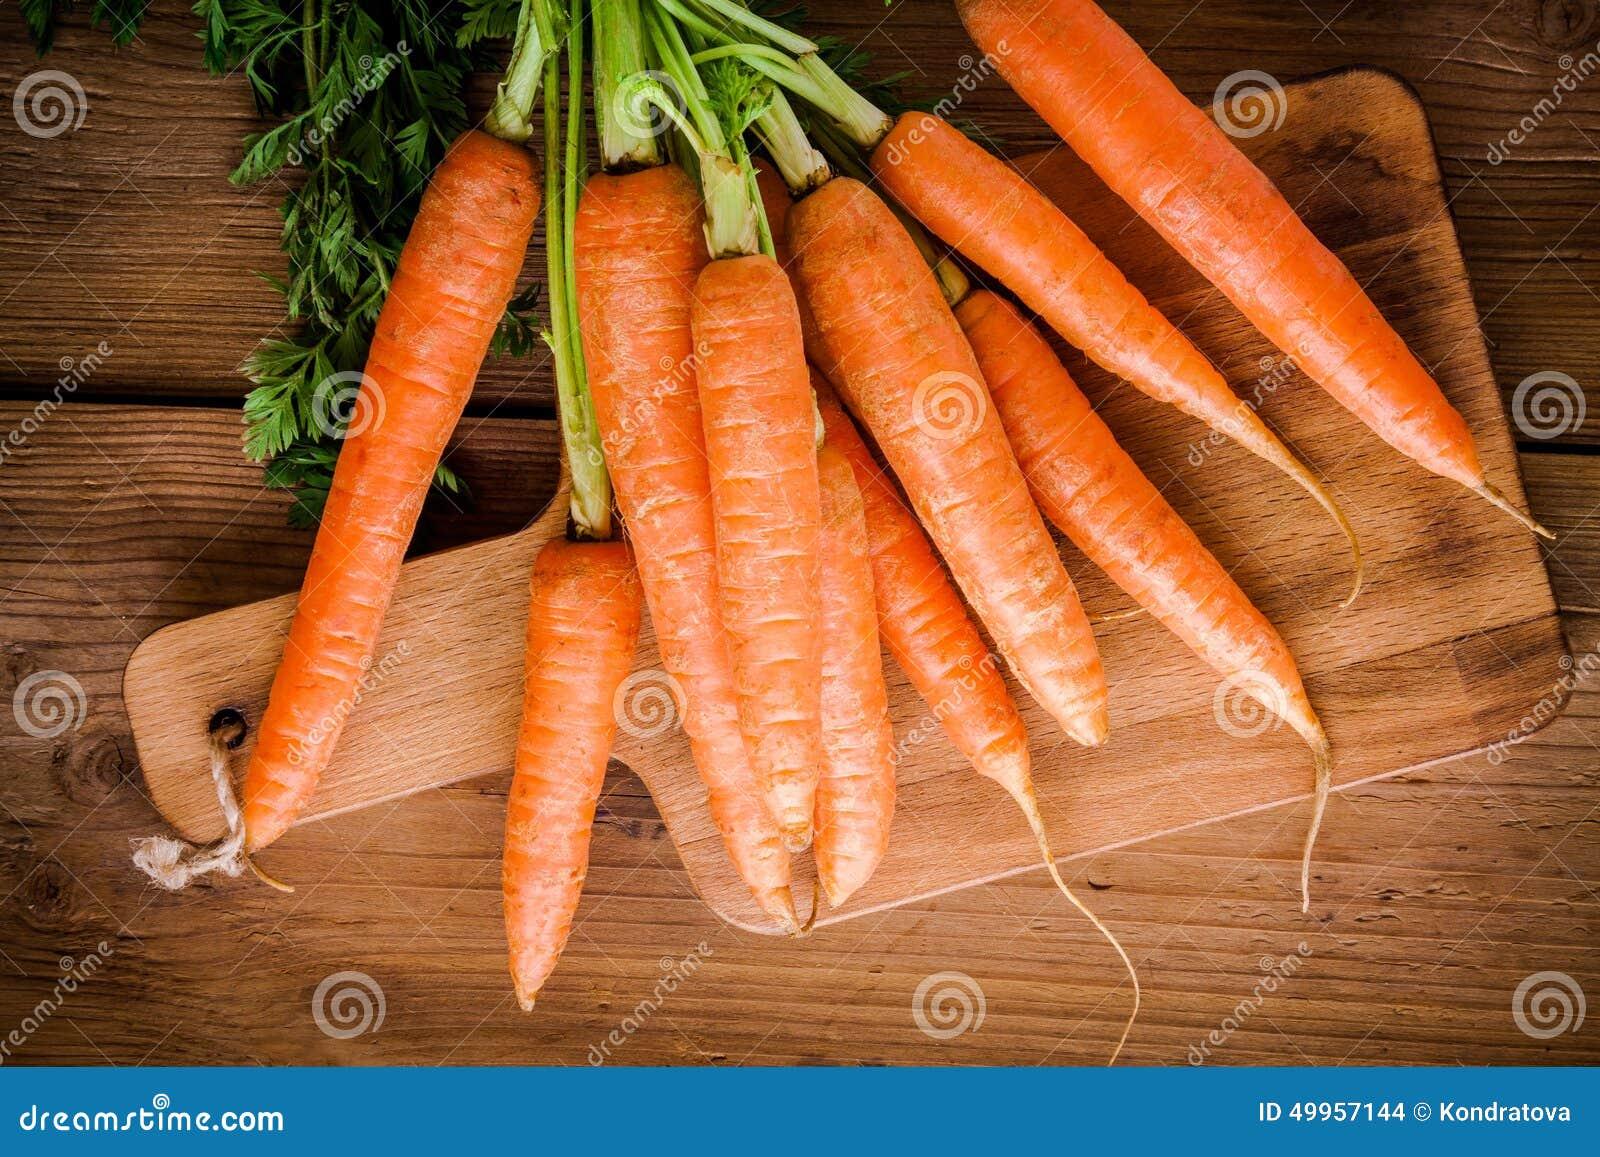 Grupo fresco das cenouras na placa de corte